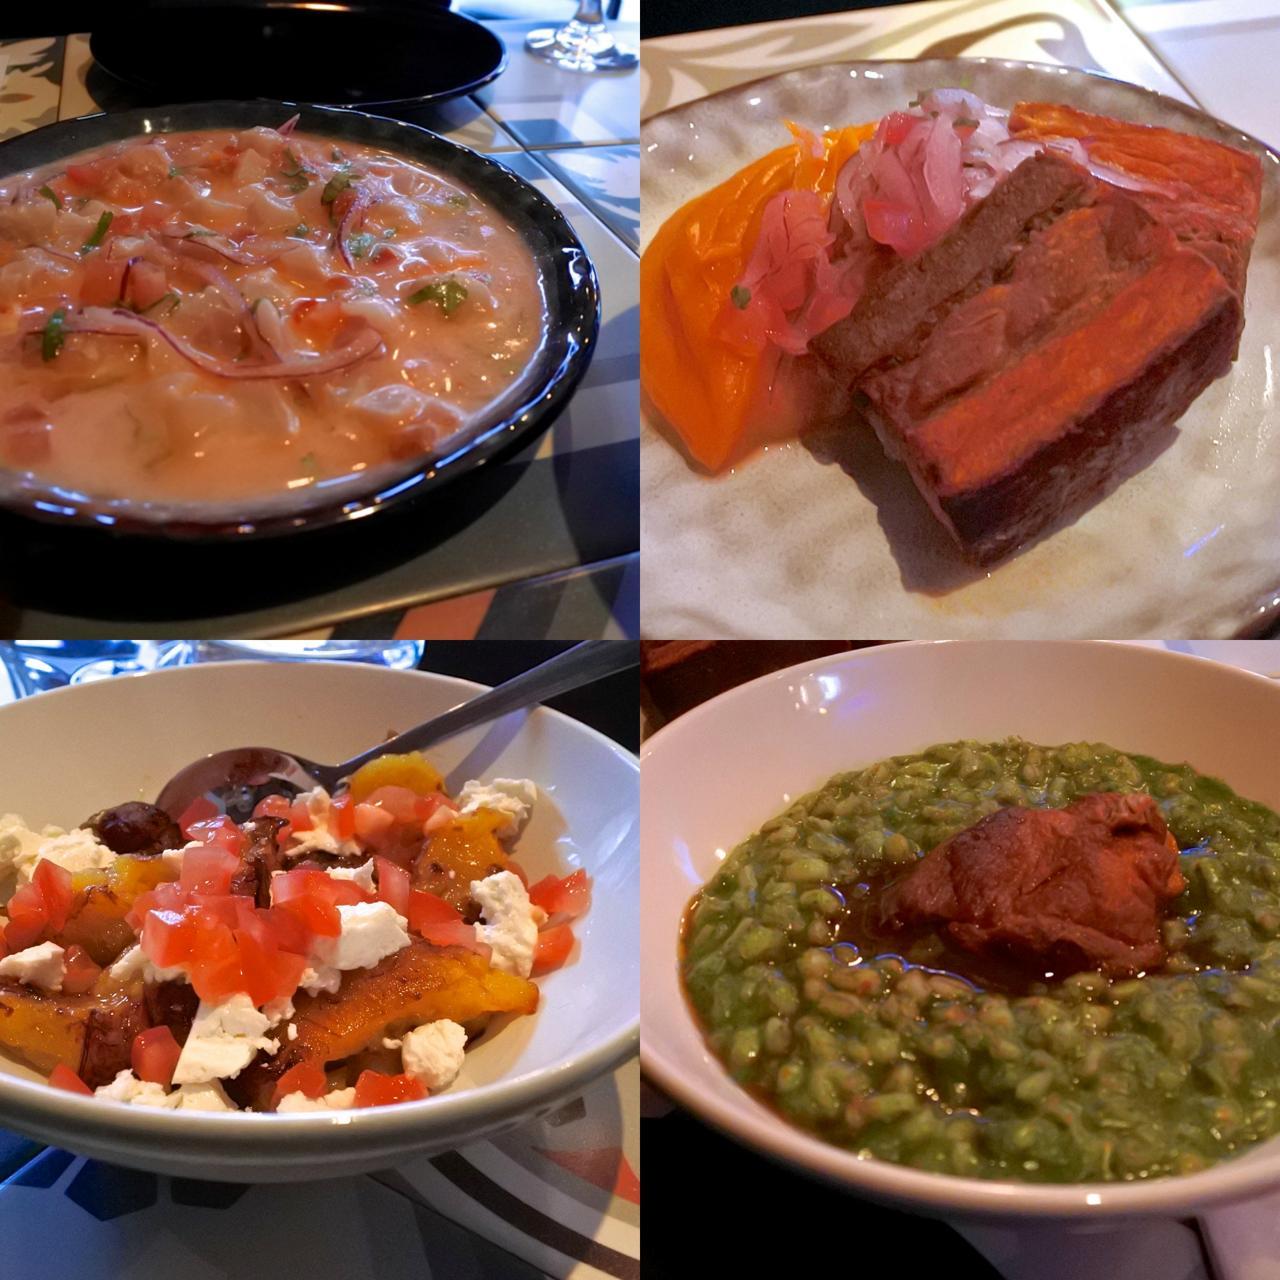 左上から時計回りに:スズキのセビーチェ、豚バラ料理、ラム・レッグのパール麦煮込み、完熟プランテインとチーズのサラダ。